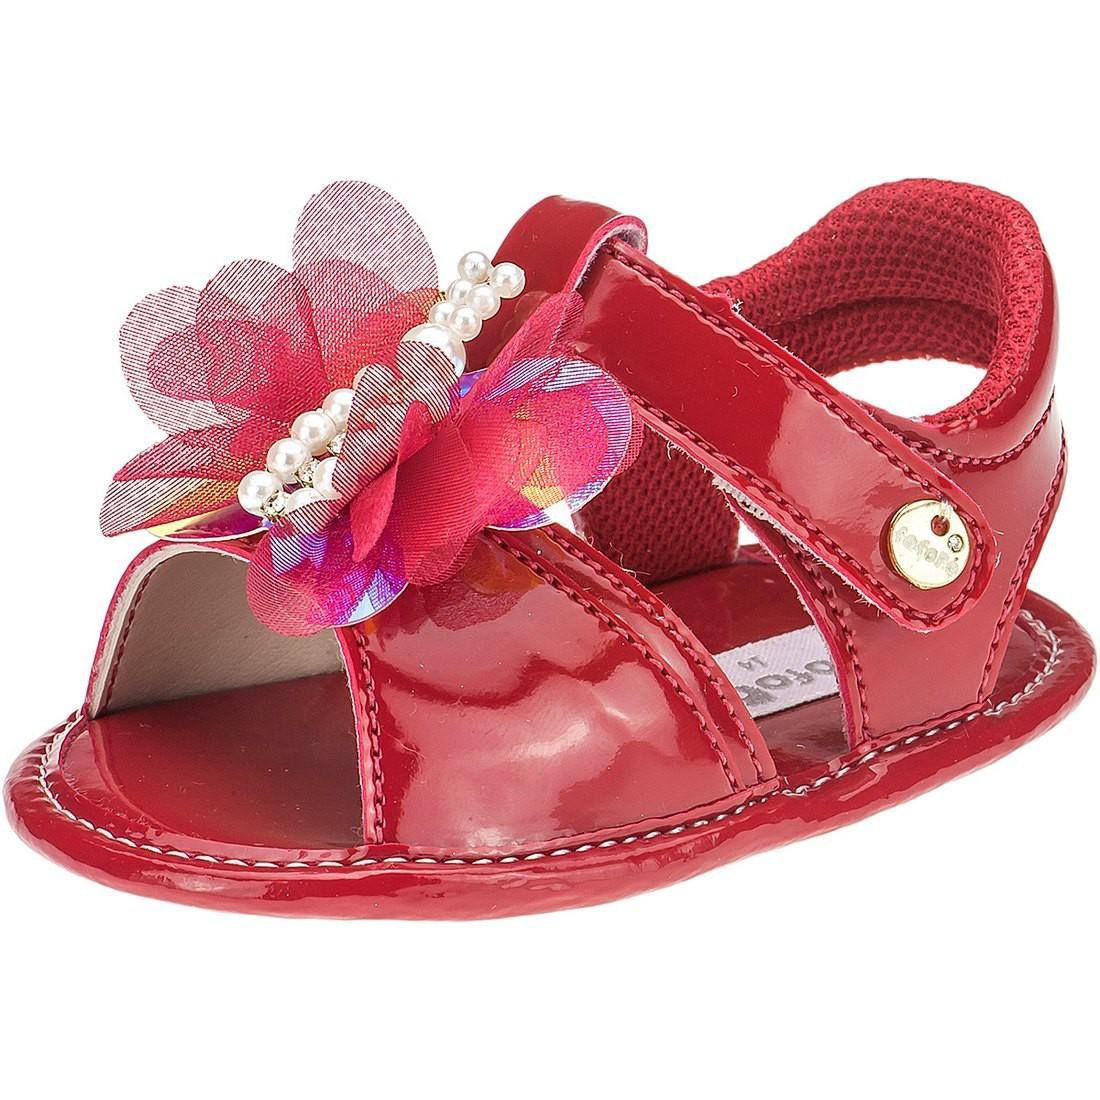 Sandália Infantil Baby Menina Fofopé Borboletas Vermelha